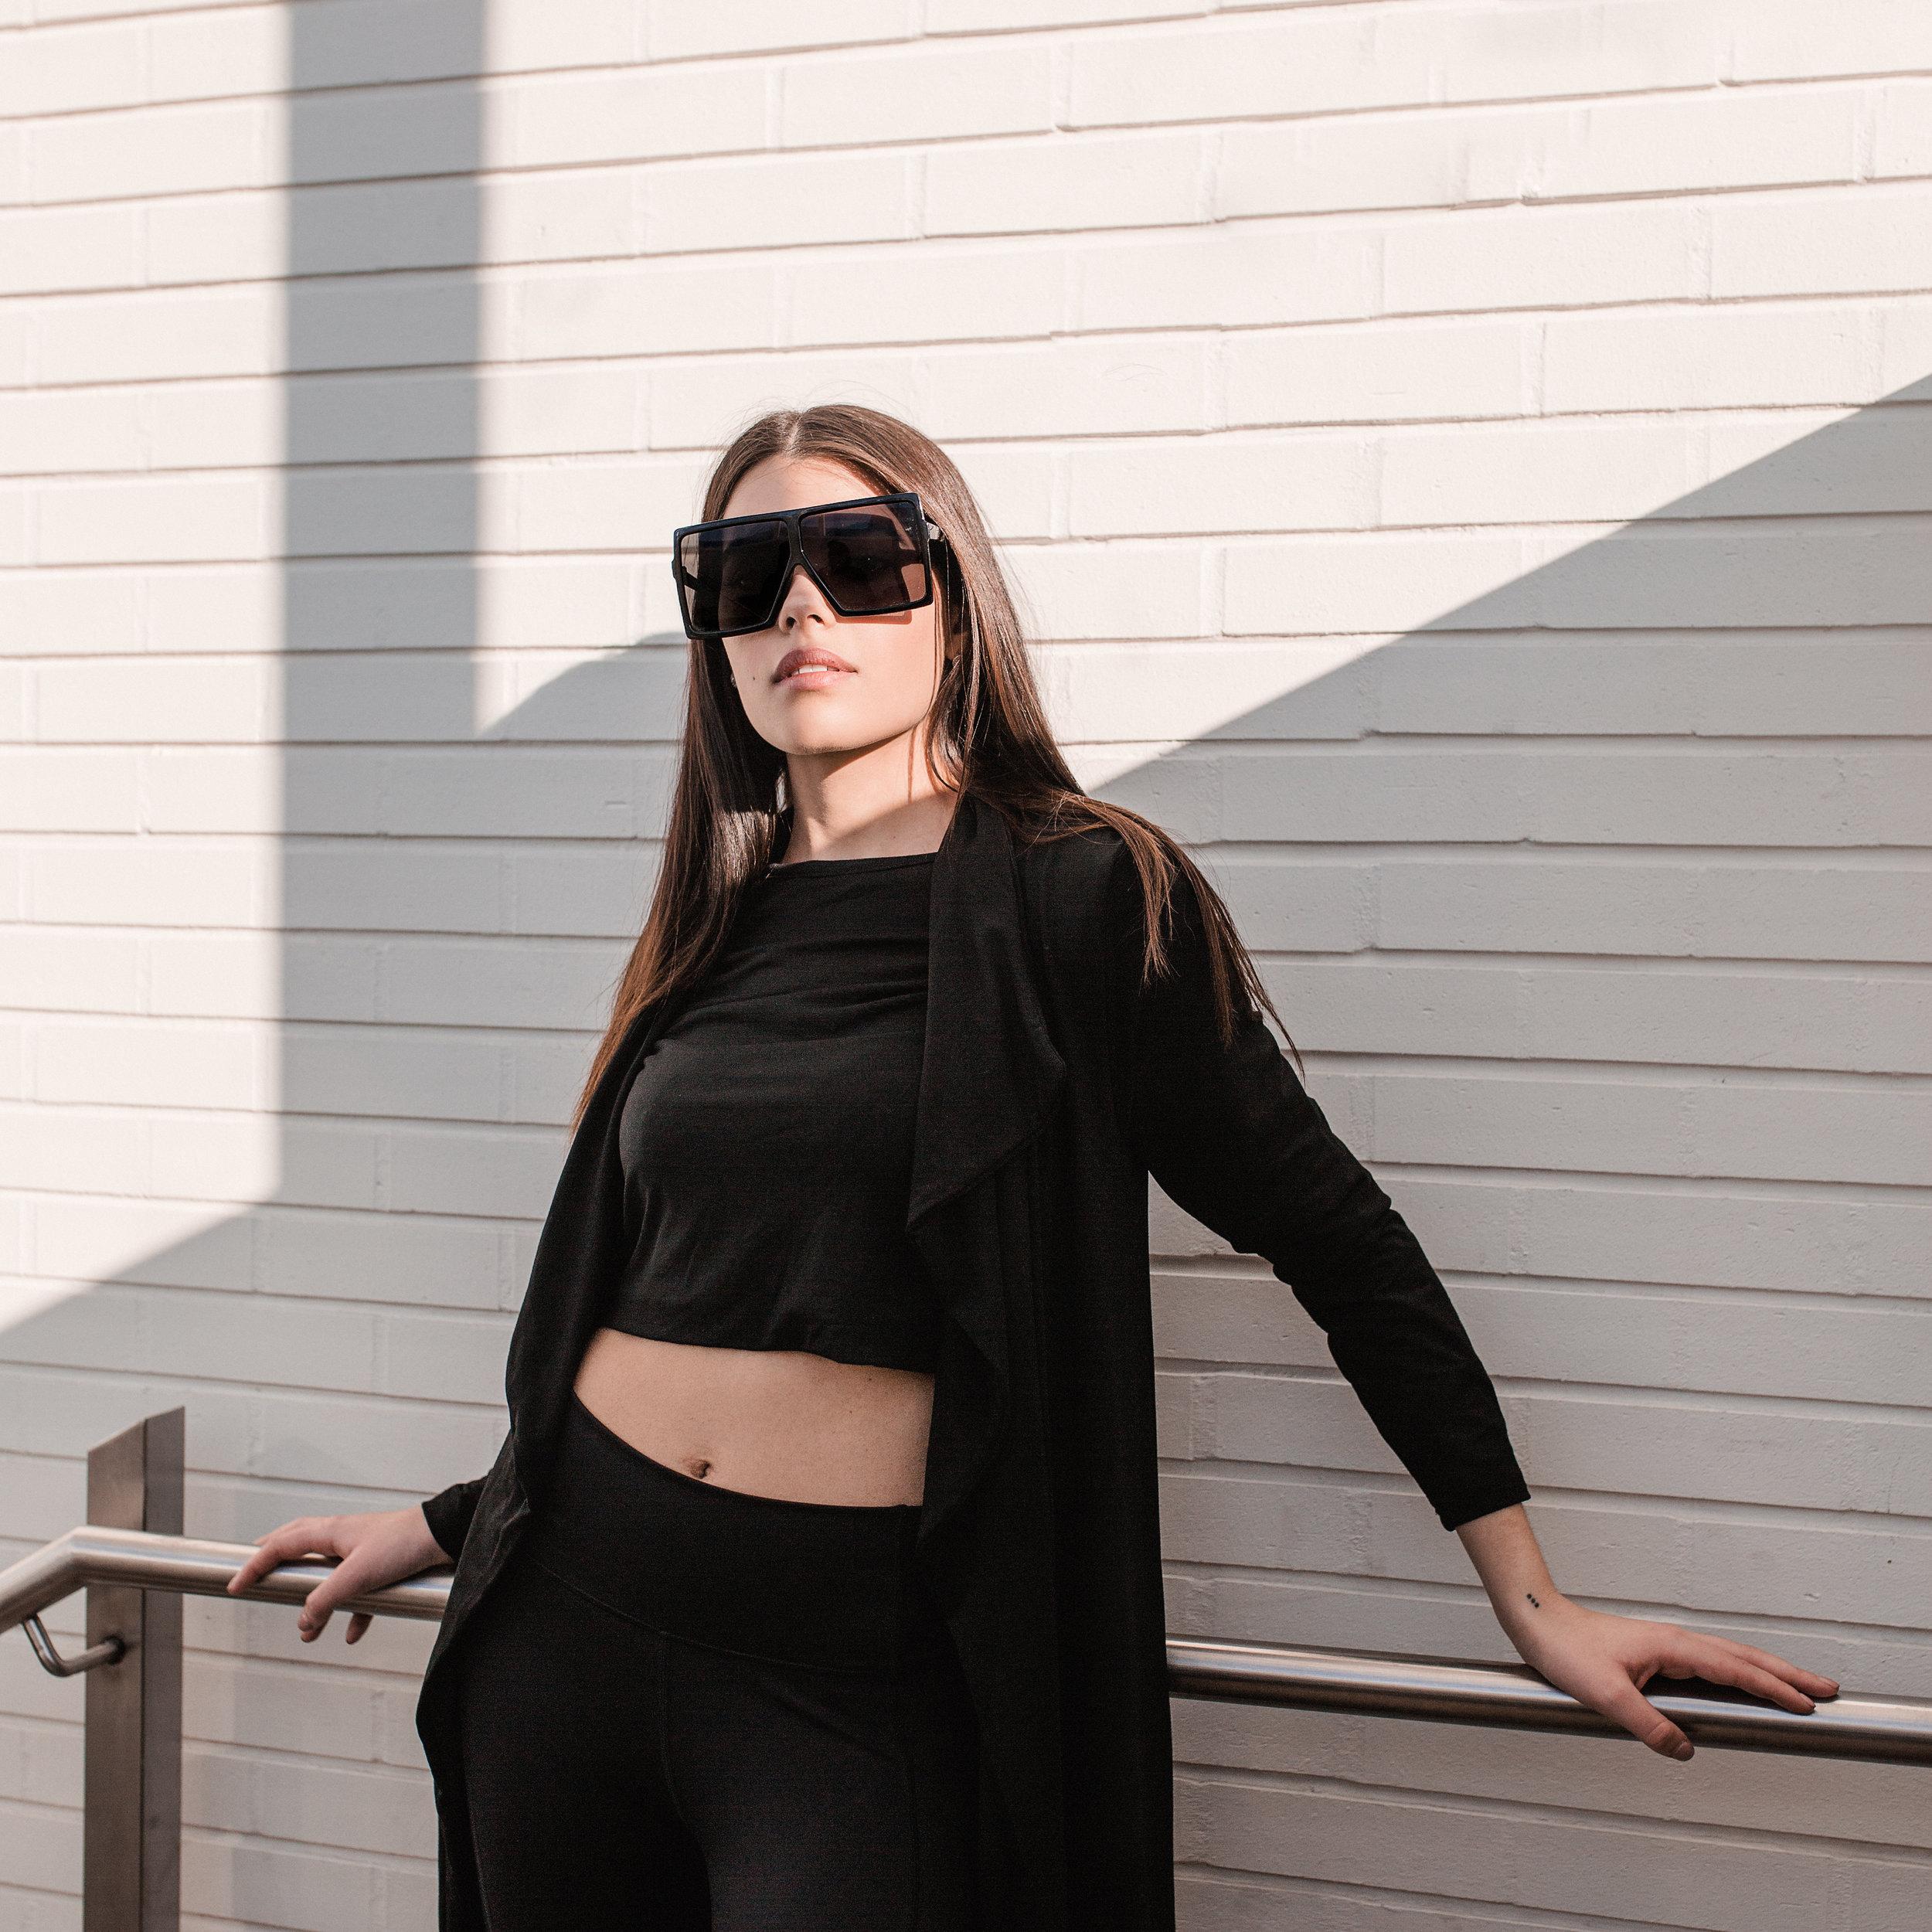 the EMMY DEVEAUX sunglasses